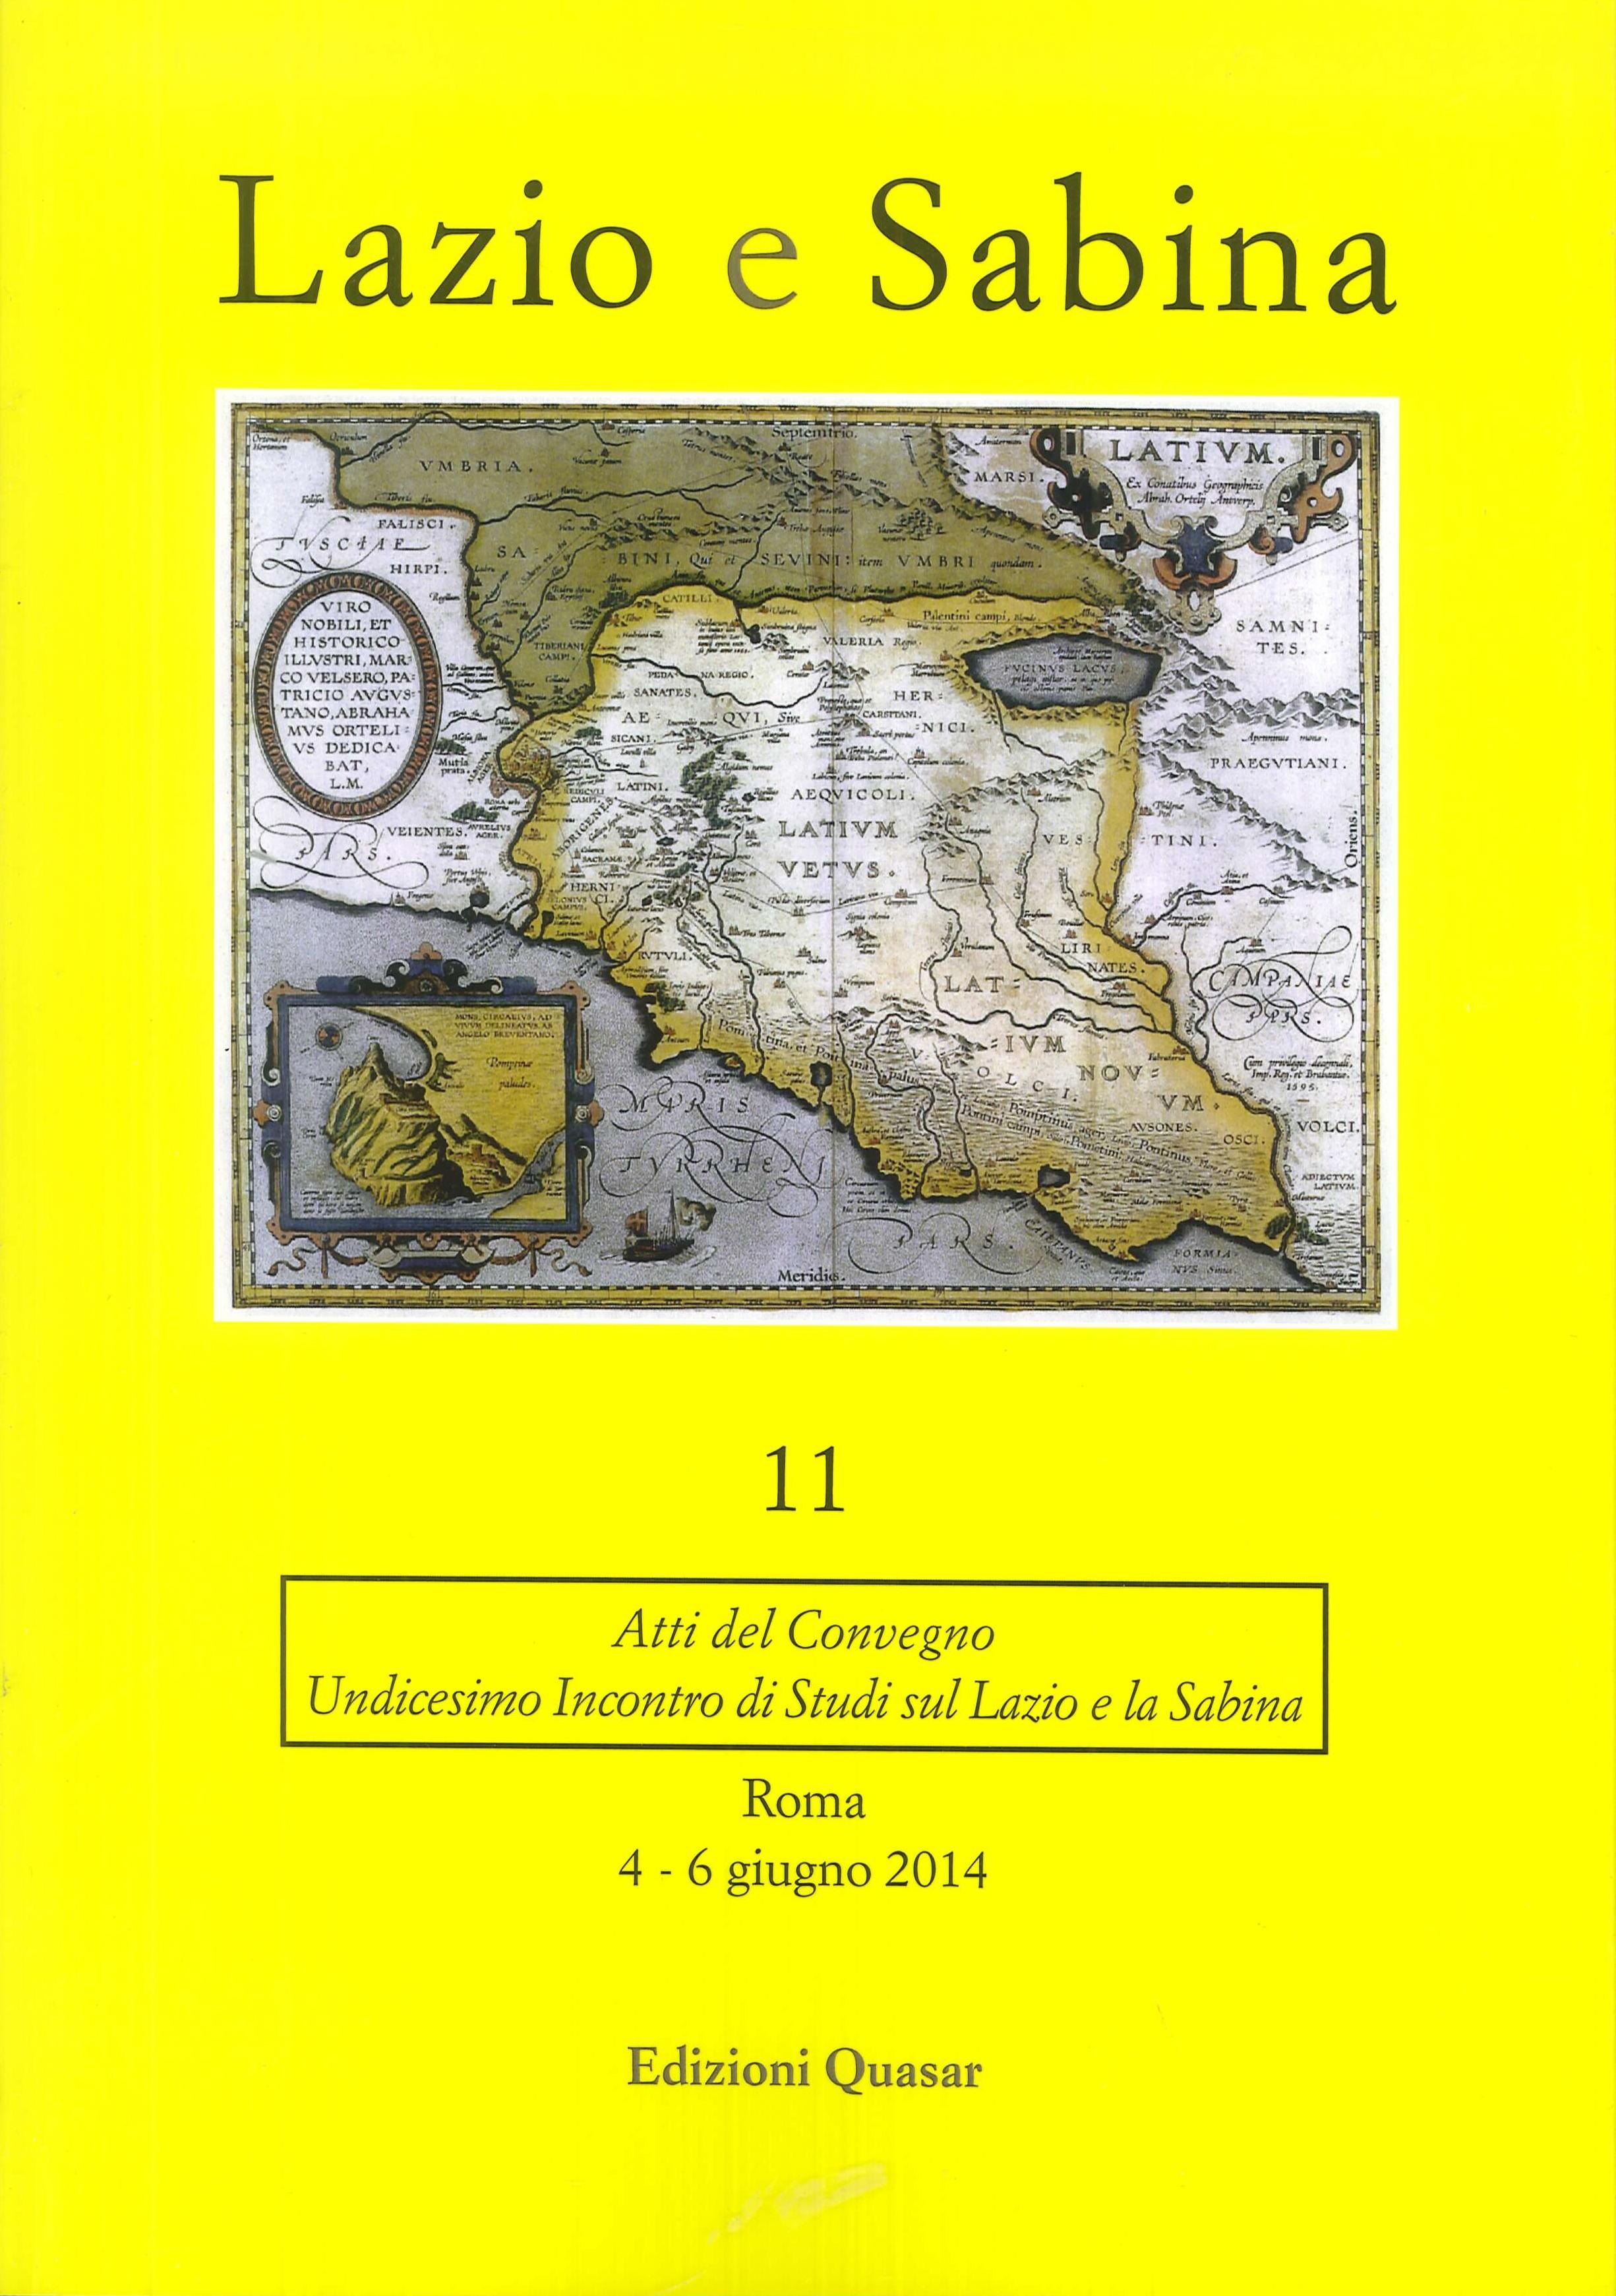 Lazio e Sabina. Atti del Convegno (Roma, 4-6 giugno 2014). Vol. 11